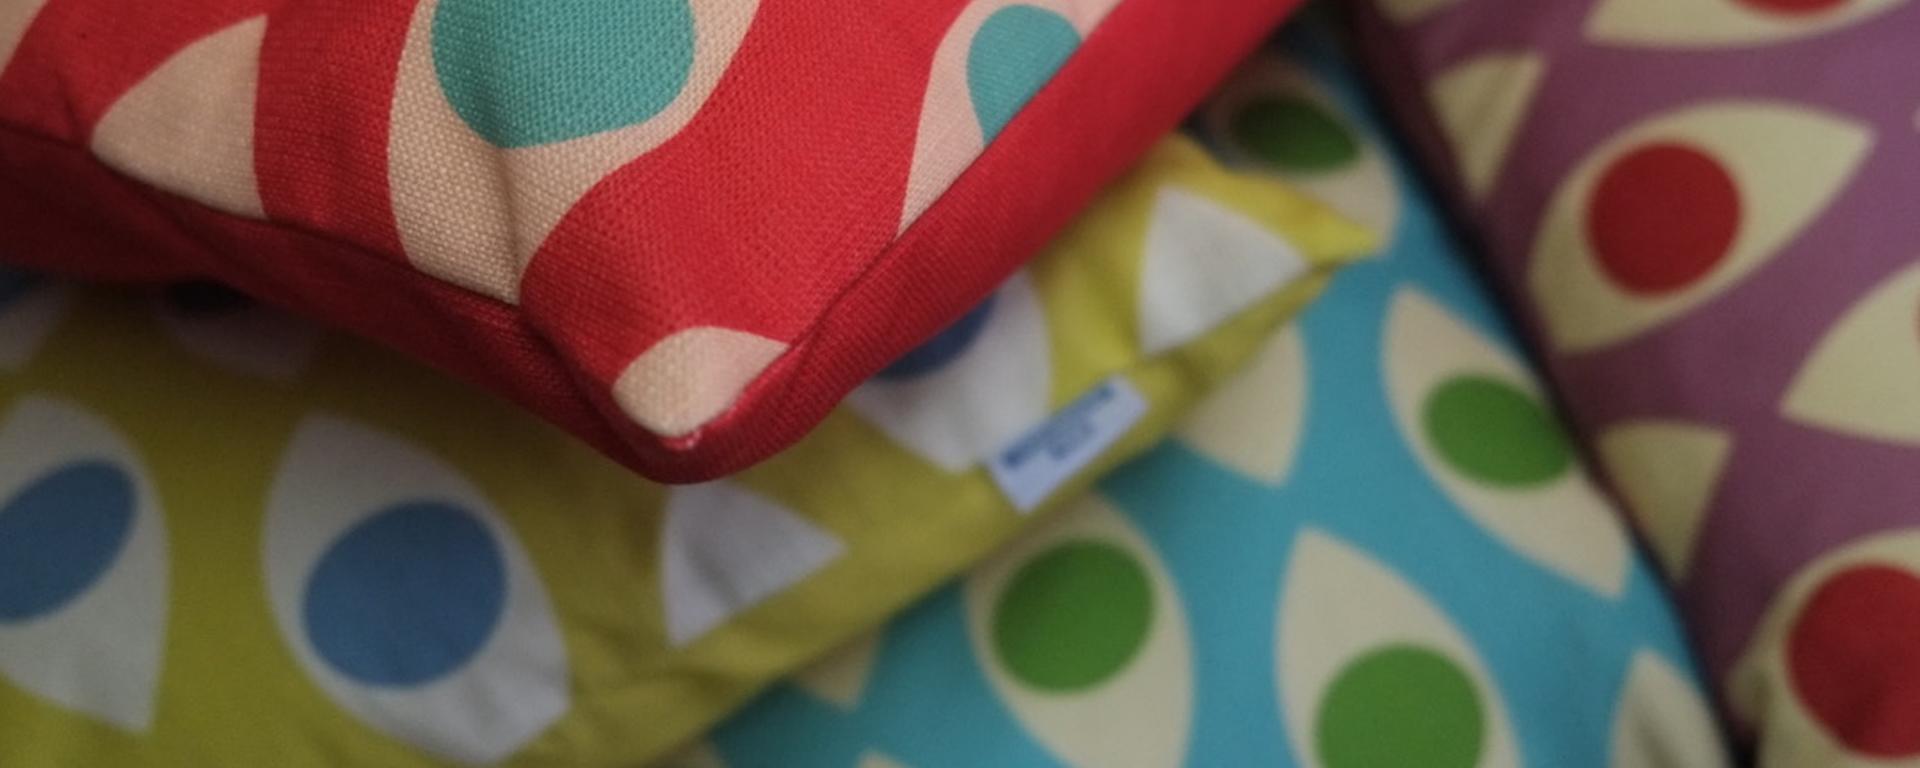 coussins design colorés